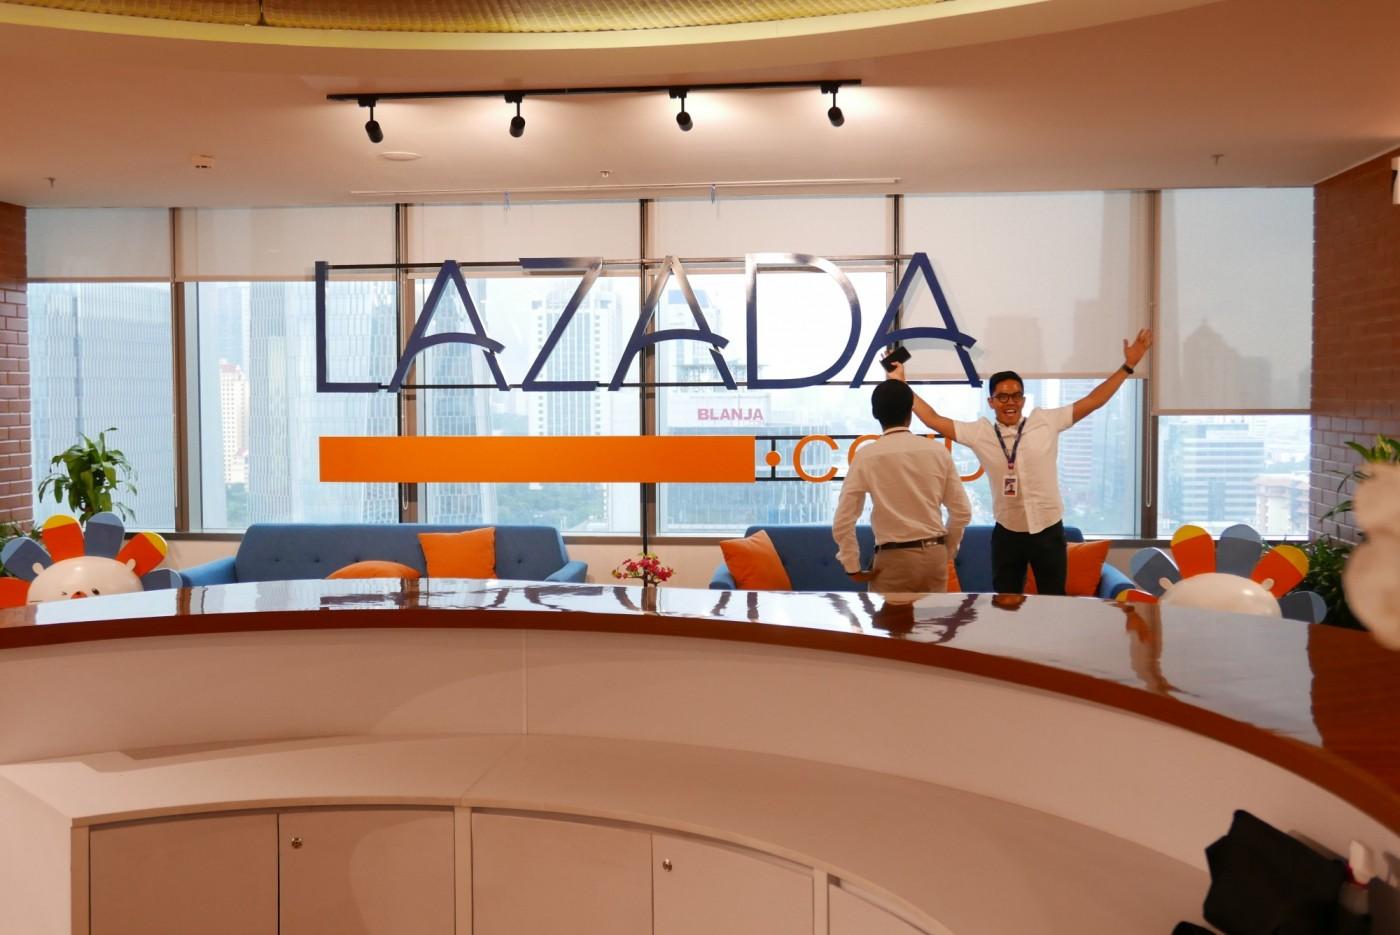 阿里巴巴投資好給力,Lazada三大領域彎道超車